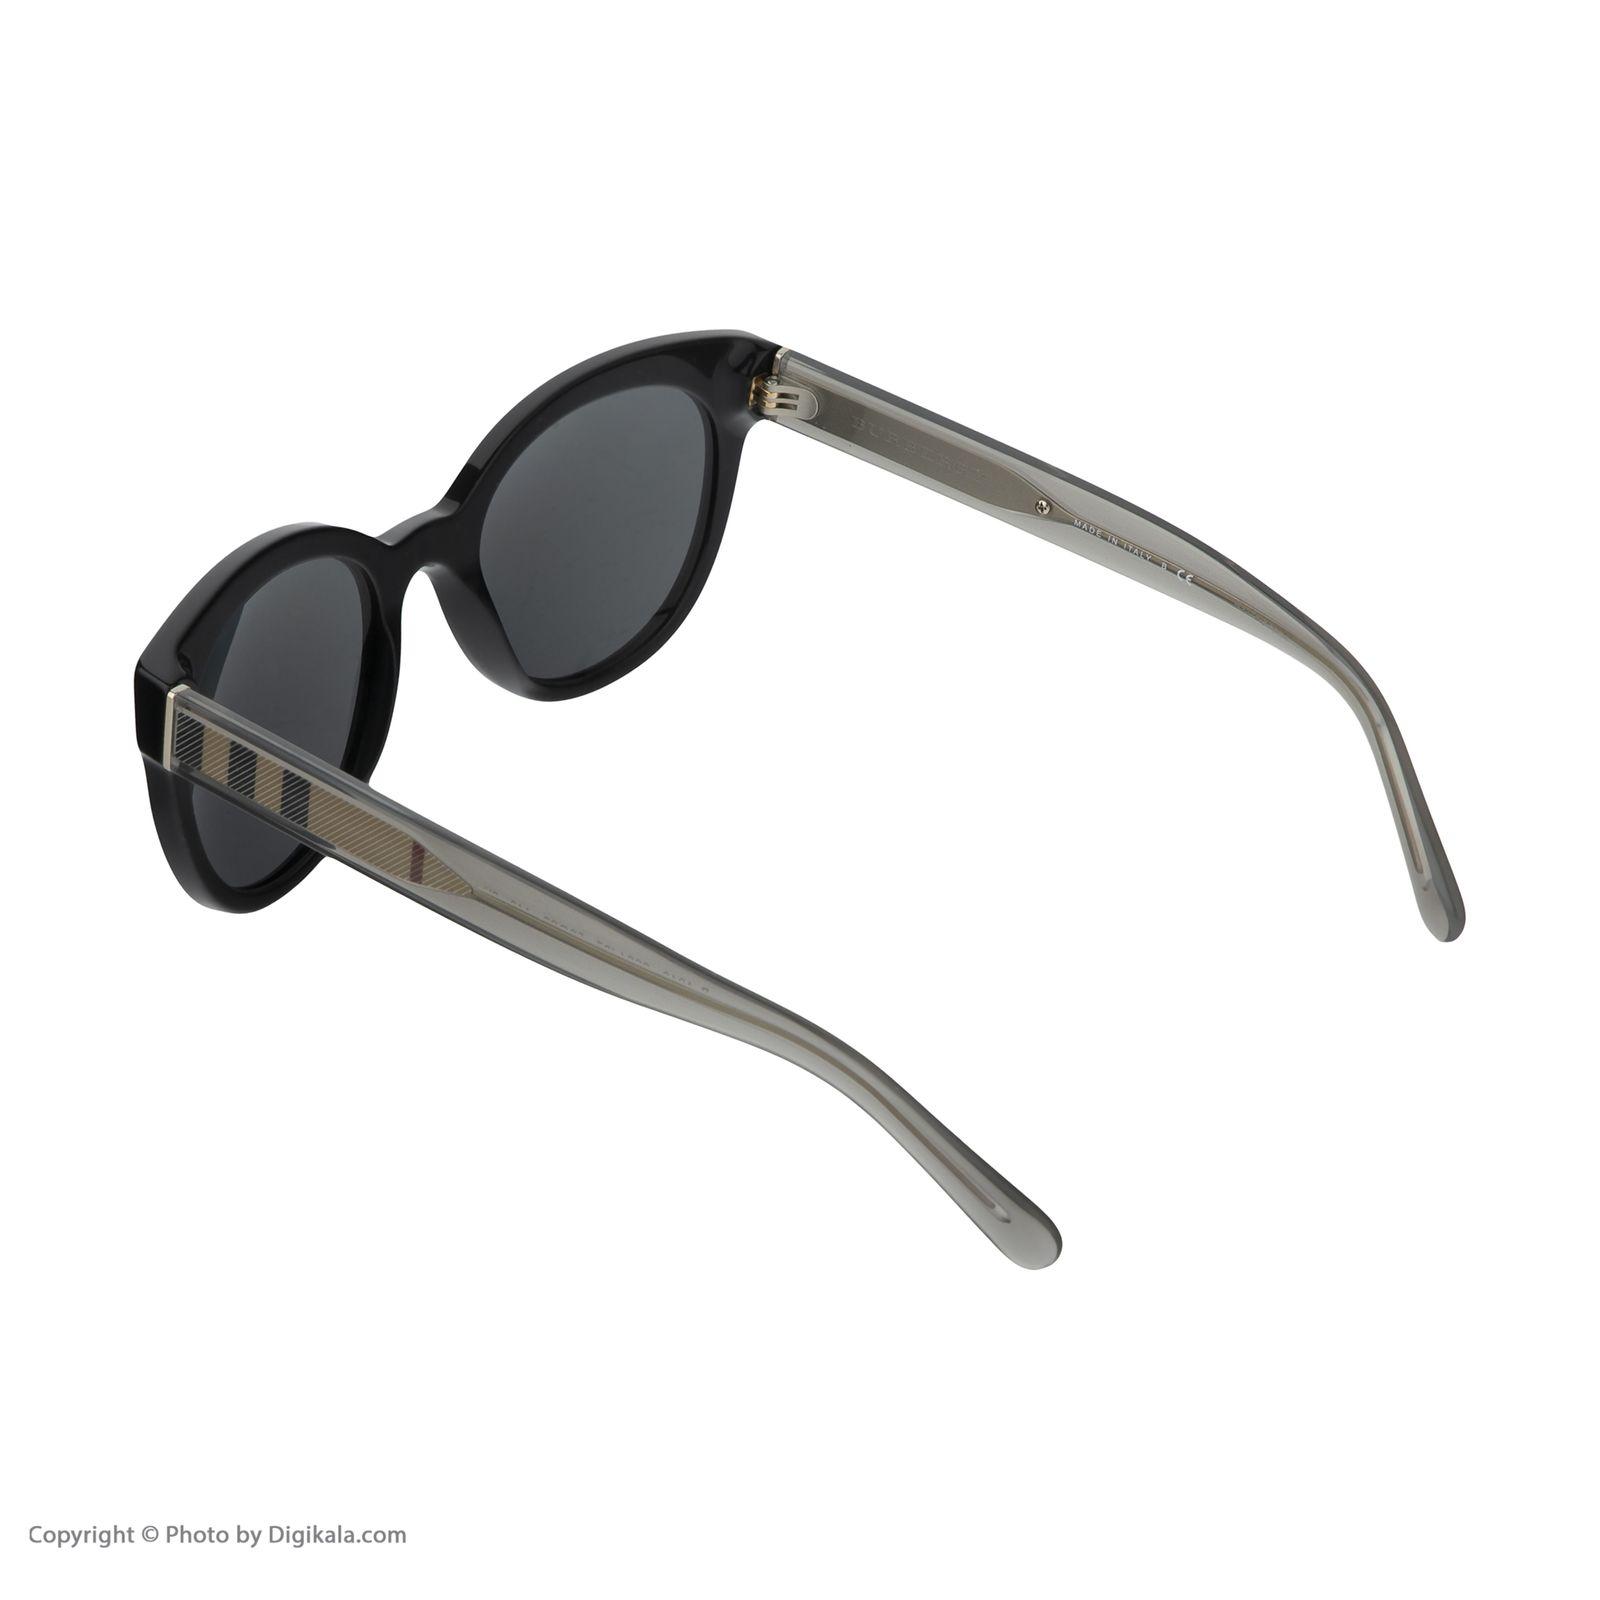 عینک آفتابی مردانه بربری مدل BE 4210S 300187 52 -  - 5